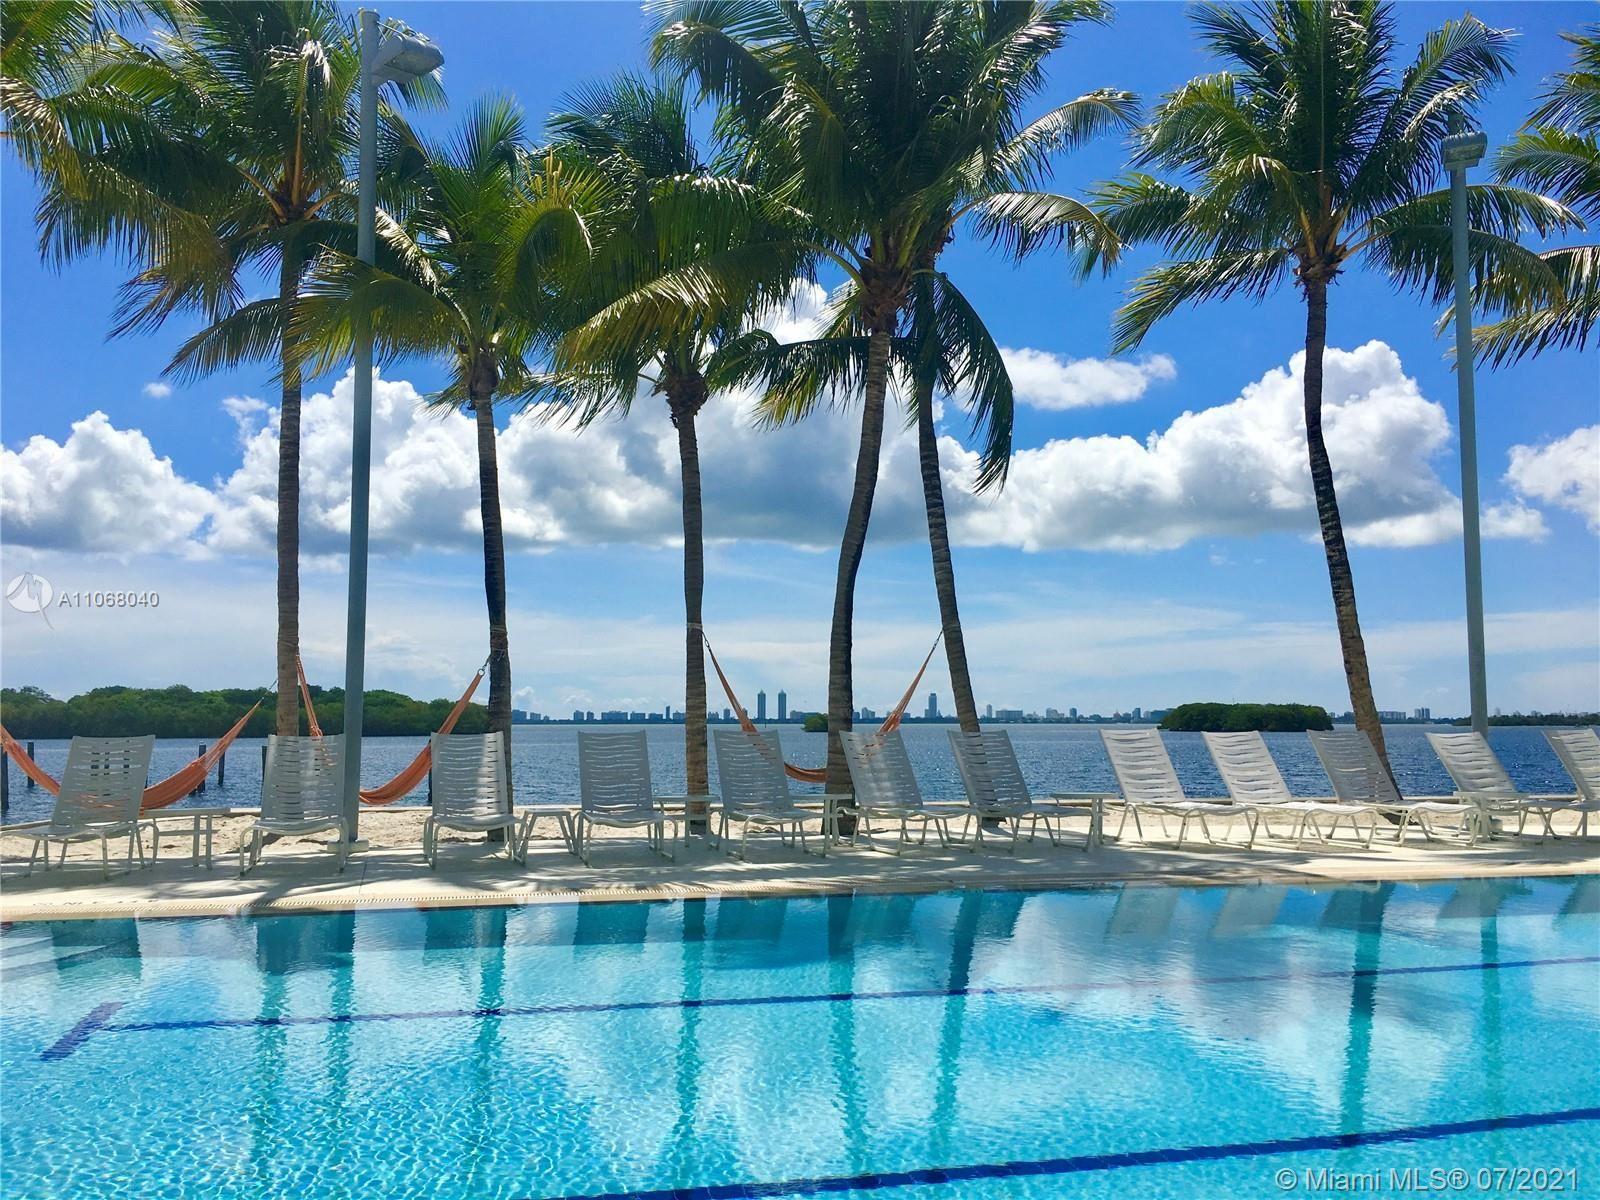 680 NE 64th St #A214, Miami, FL 33138 - #: A11068040